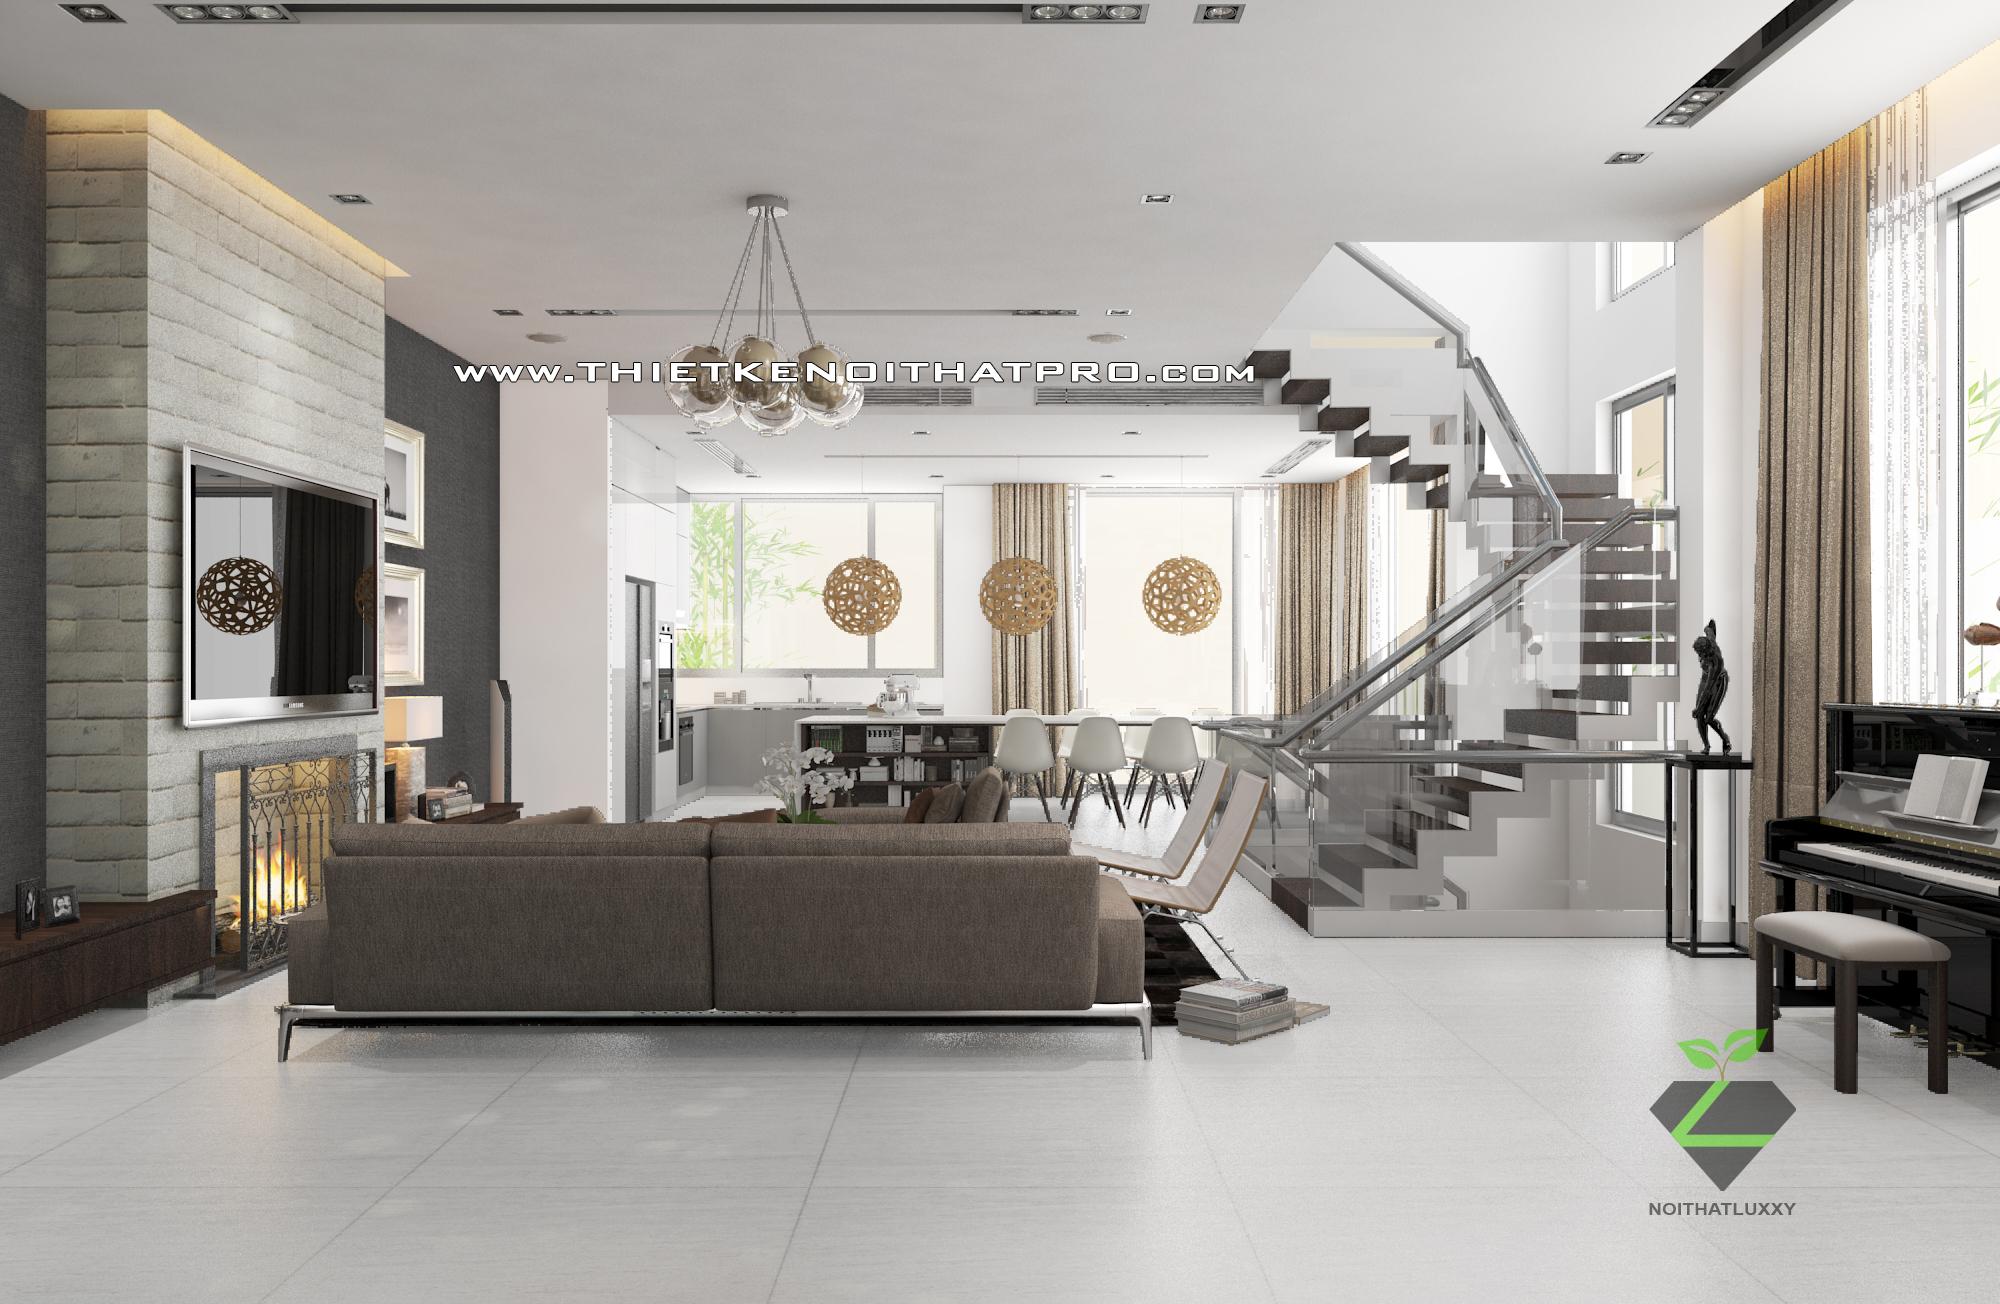 thiết kế nội thất Biệt Thự tại Hà Nội bt Vinhomes - riverside 14 1568085348